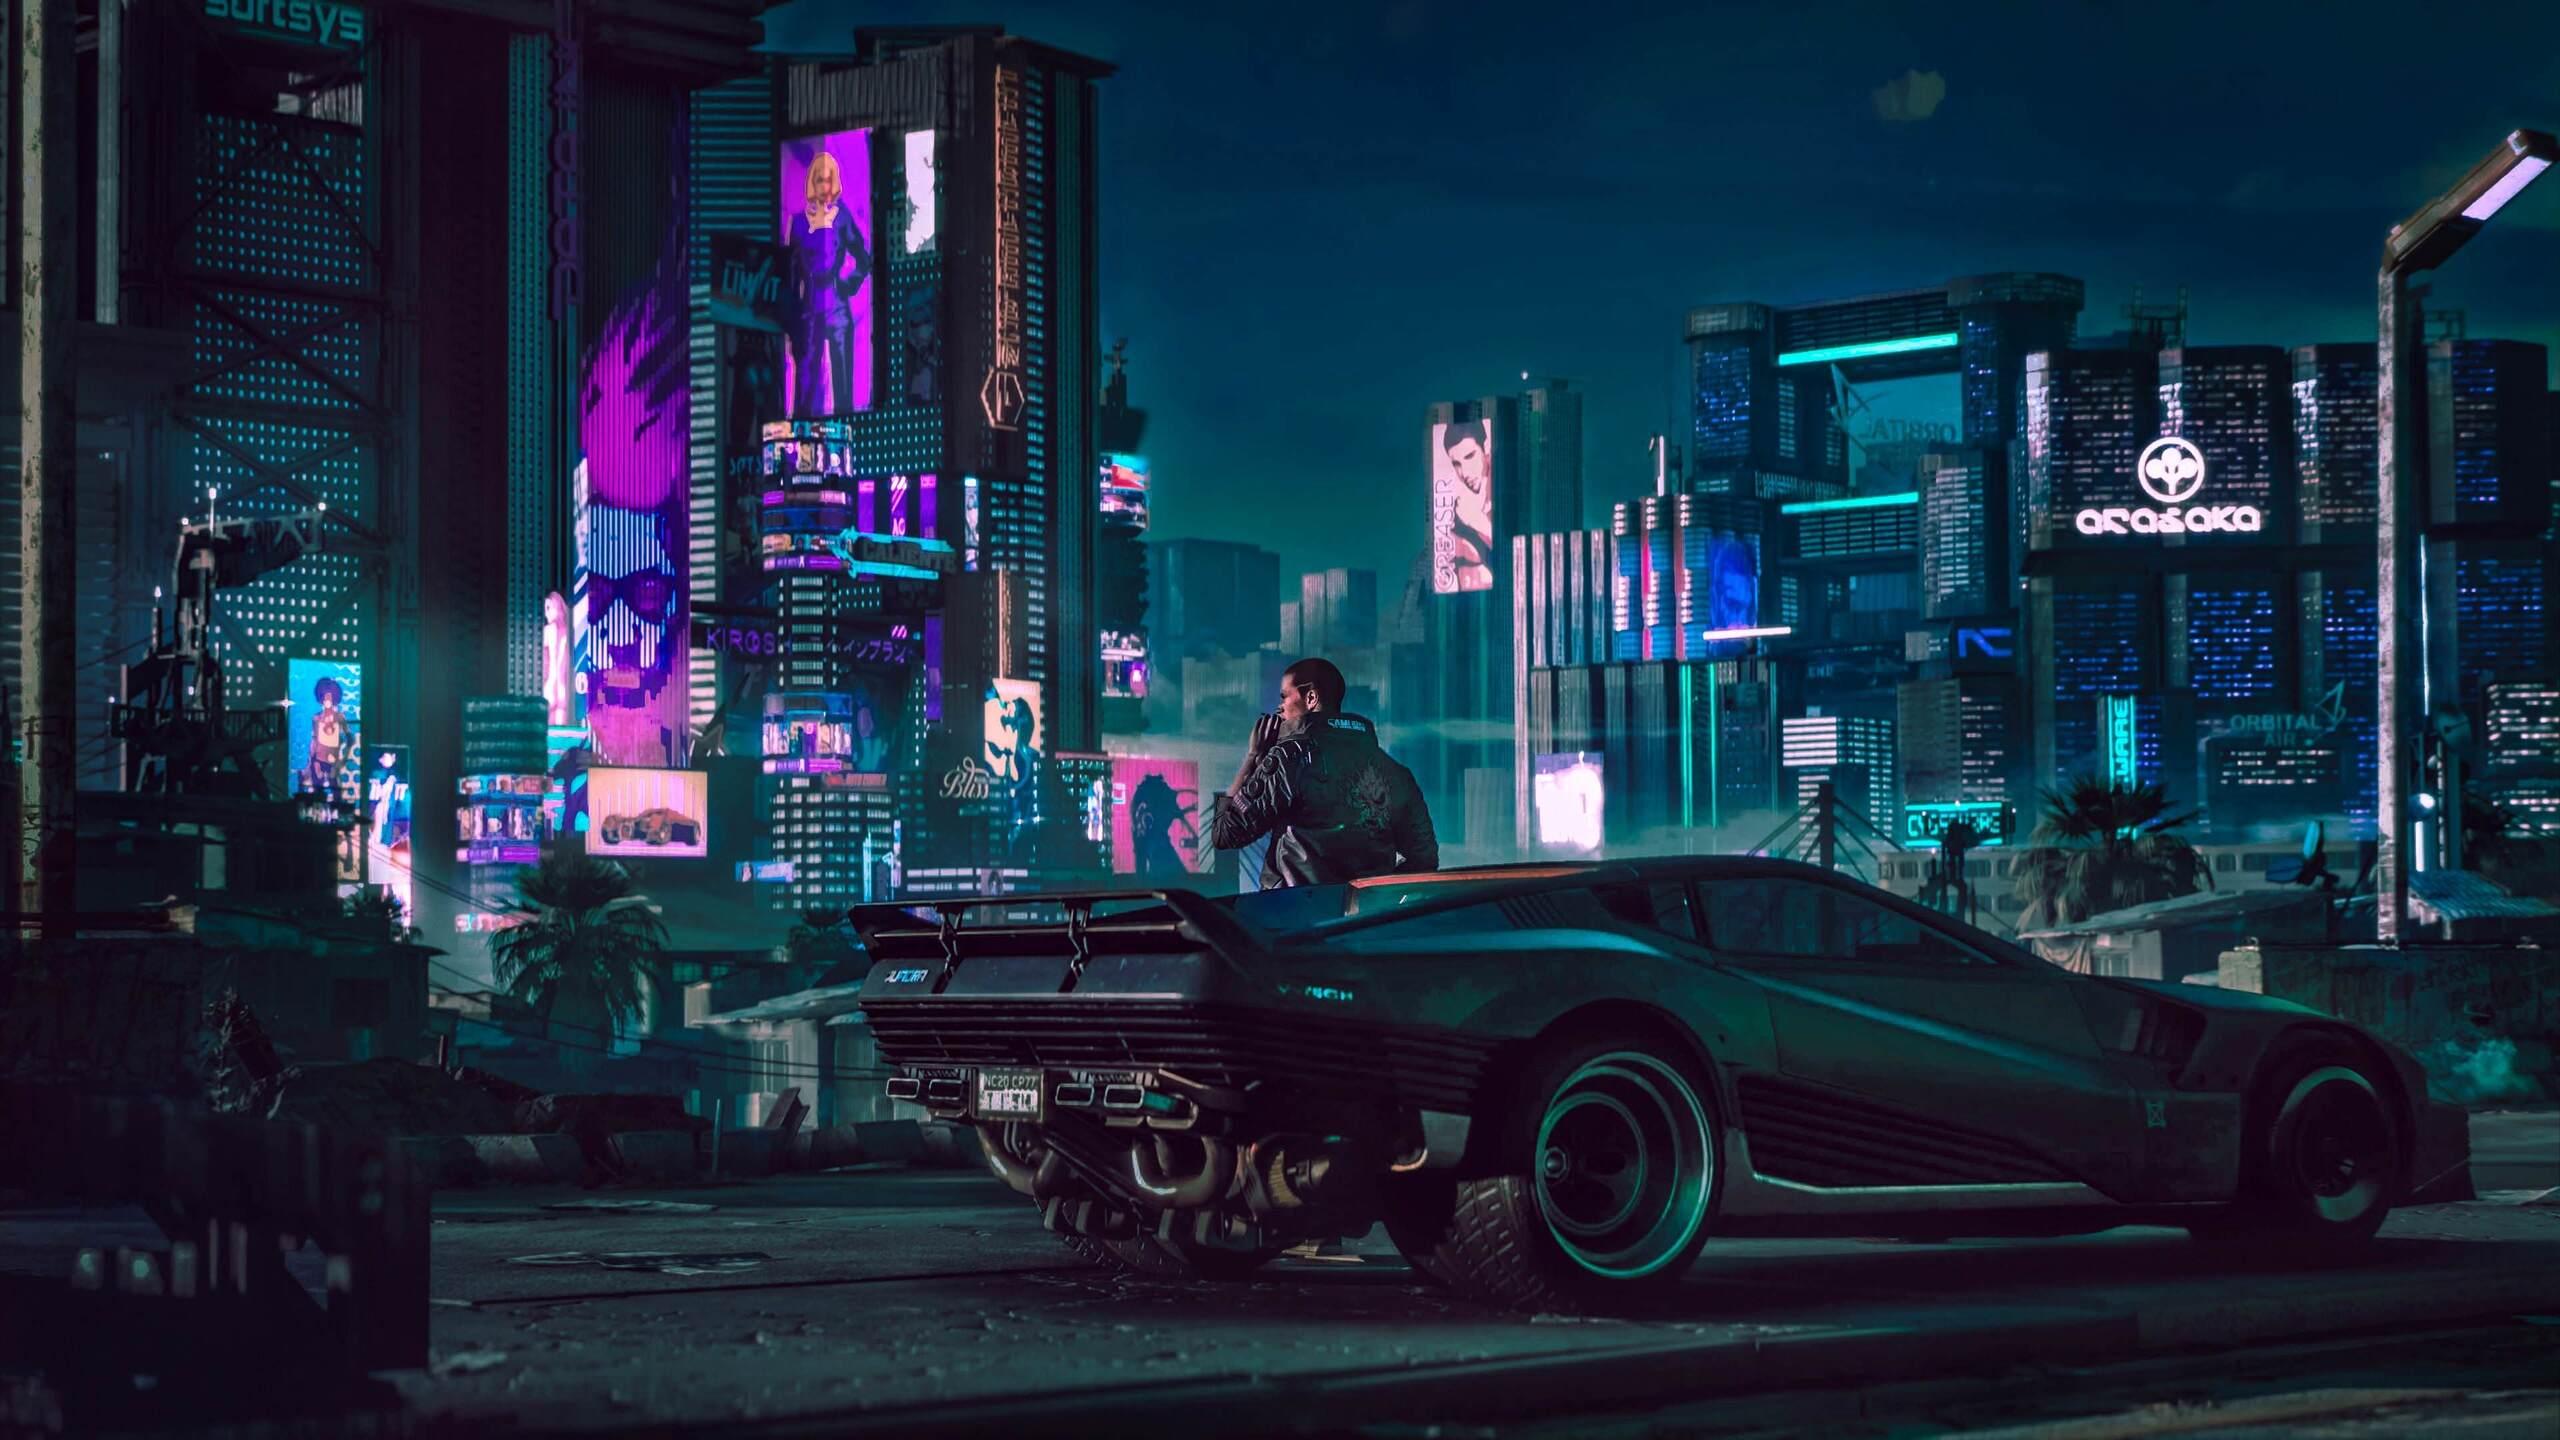 2560x1440 2018 cyberpunk 2077 4k 1440p resolution hd 4k wallpapers images backgrounds photos - Cyberpunk 2077 wallpaper 4k ...